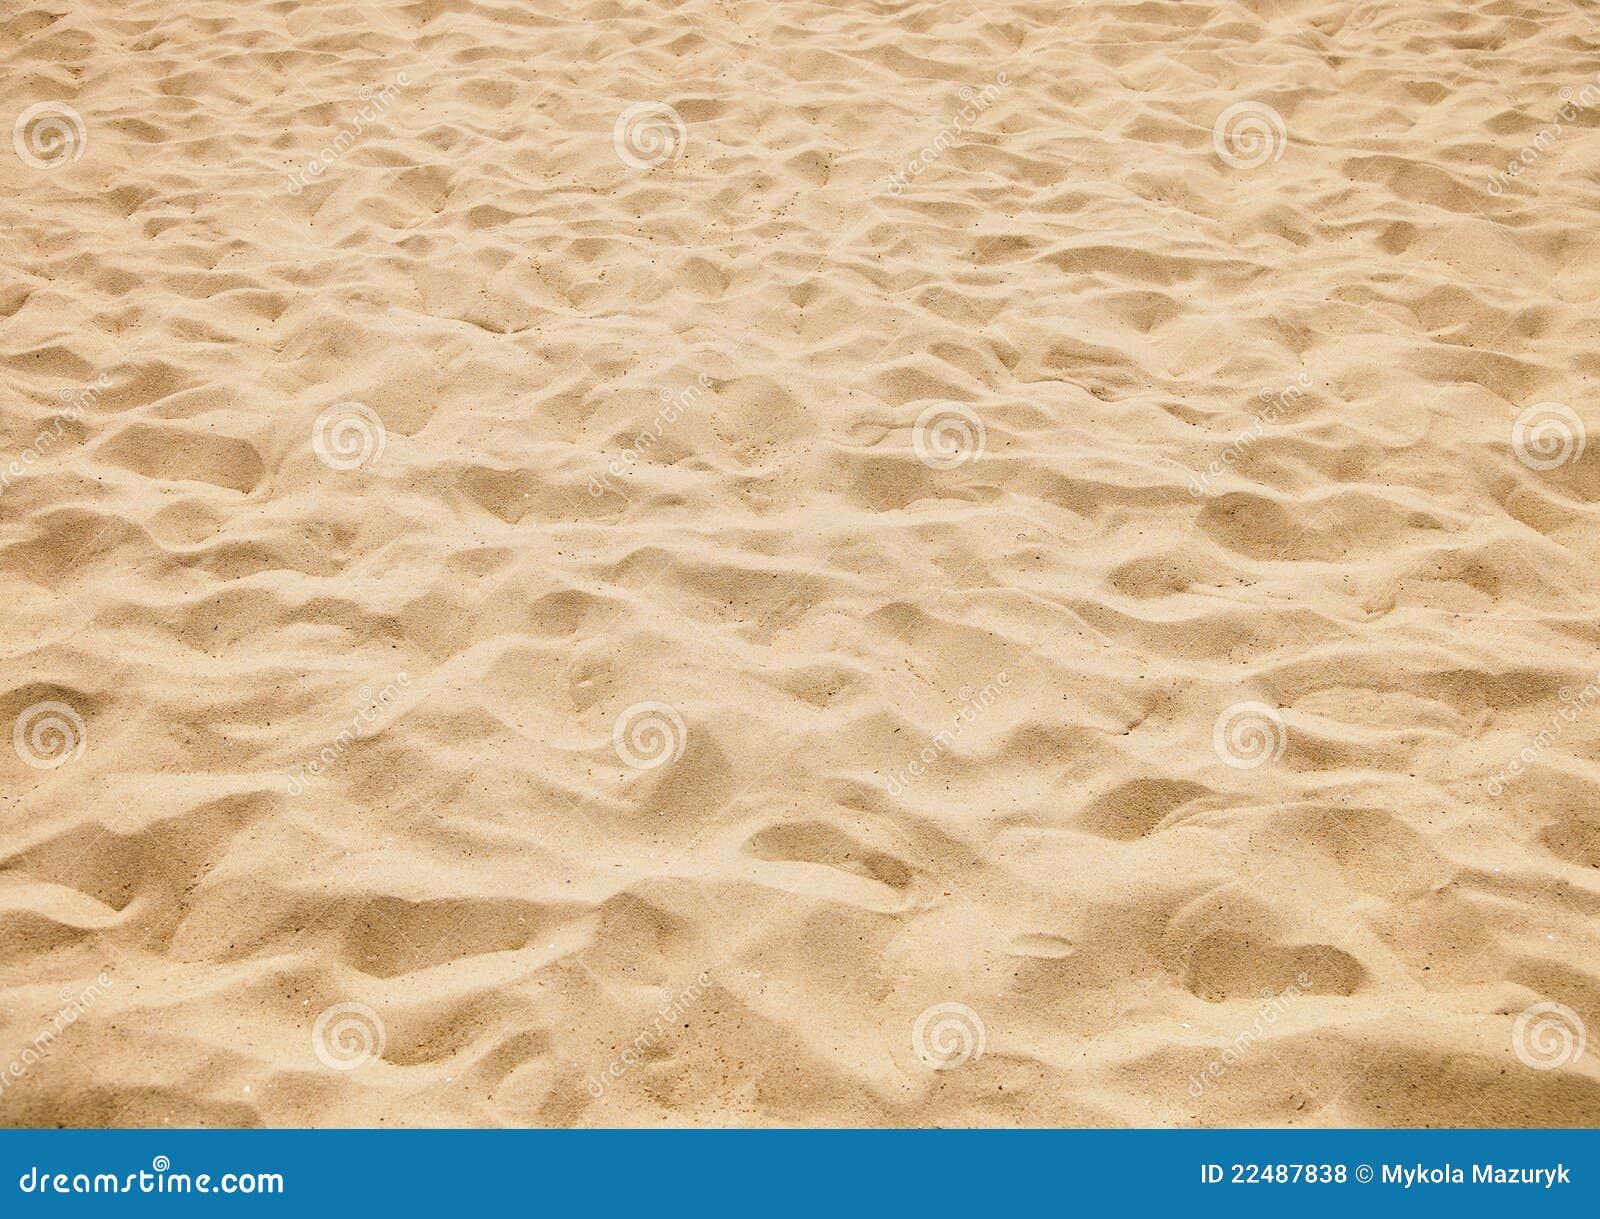 Песок в почках цвет песка